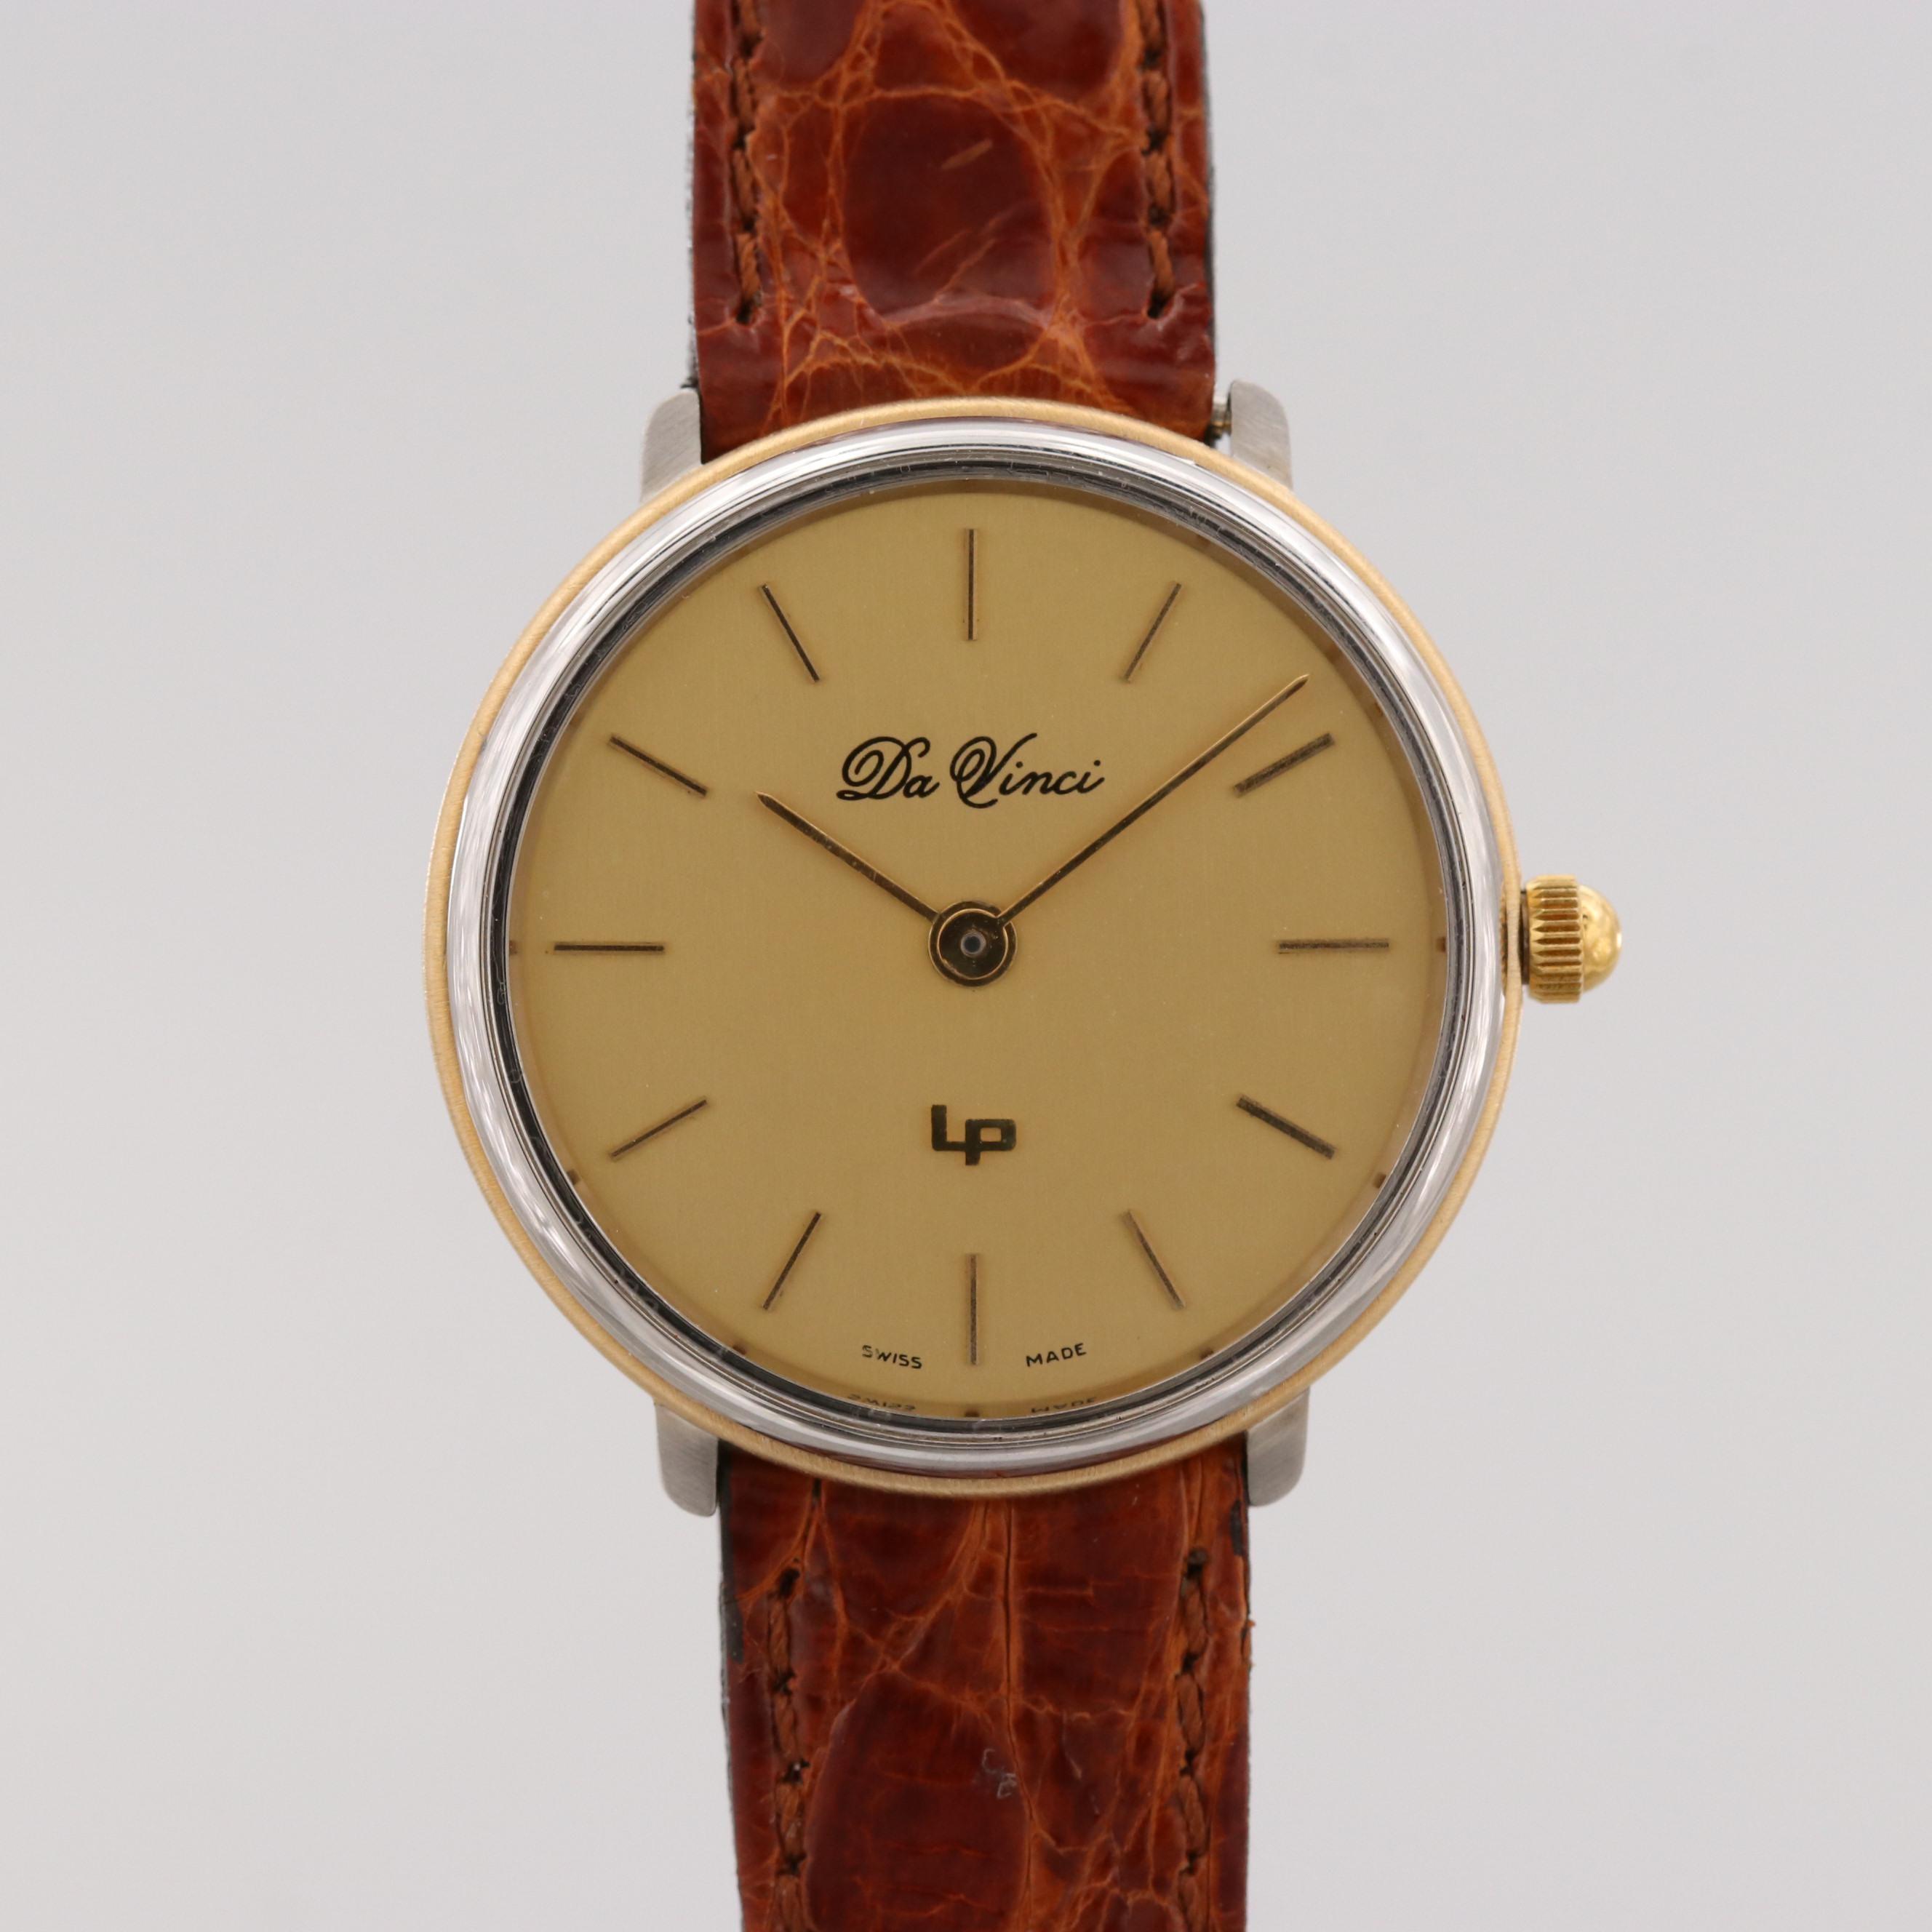 Vintage Lucien Piccard Da Vinci Two Tone Quartz Wristwatch